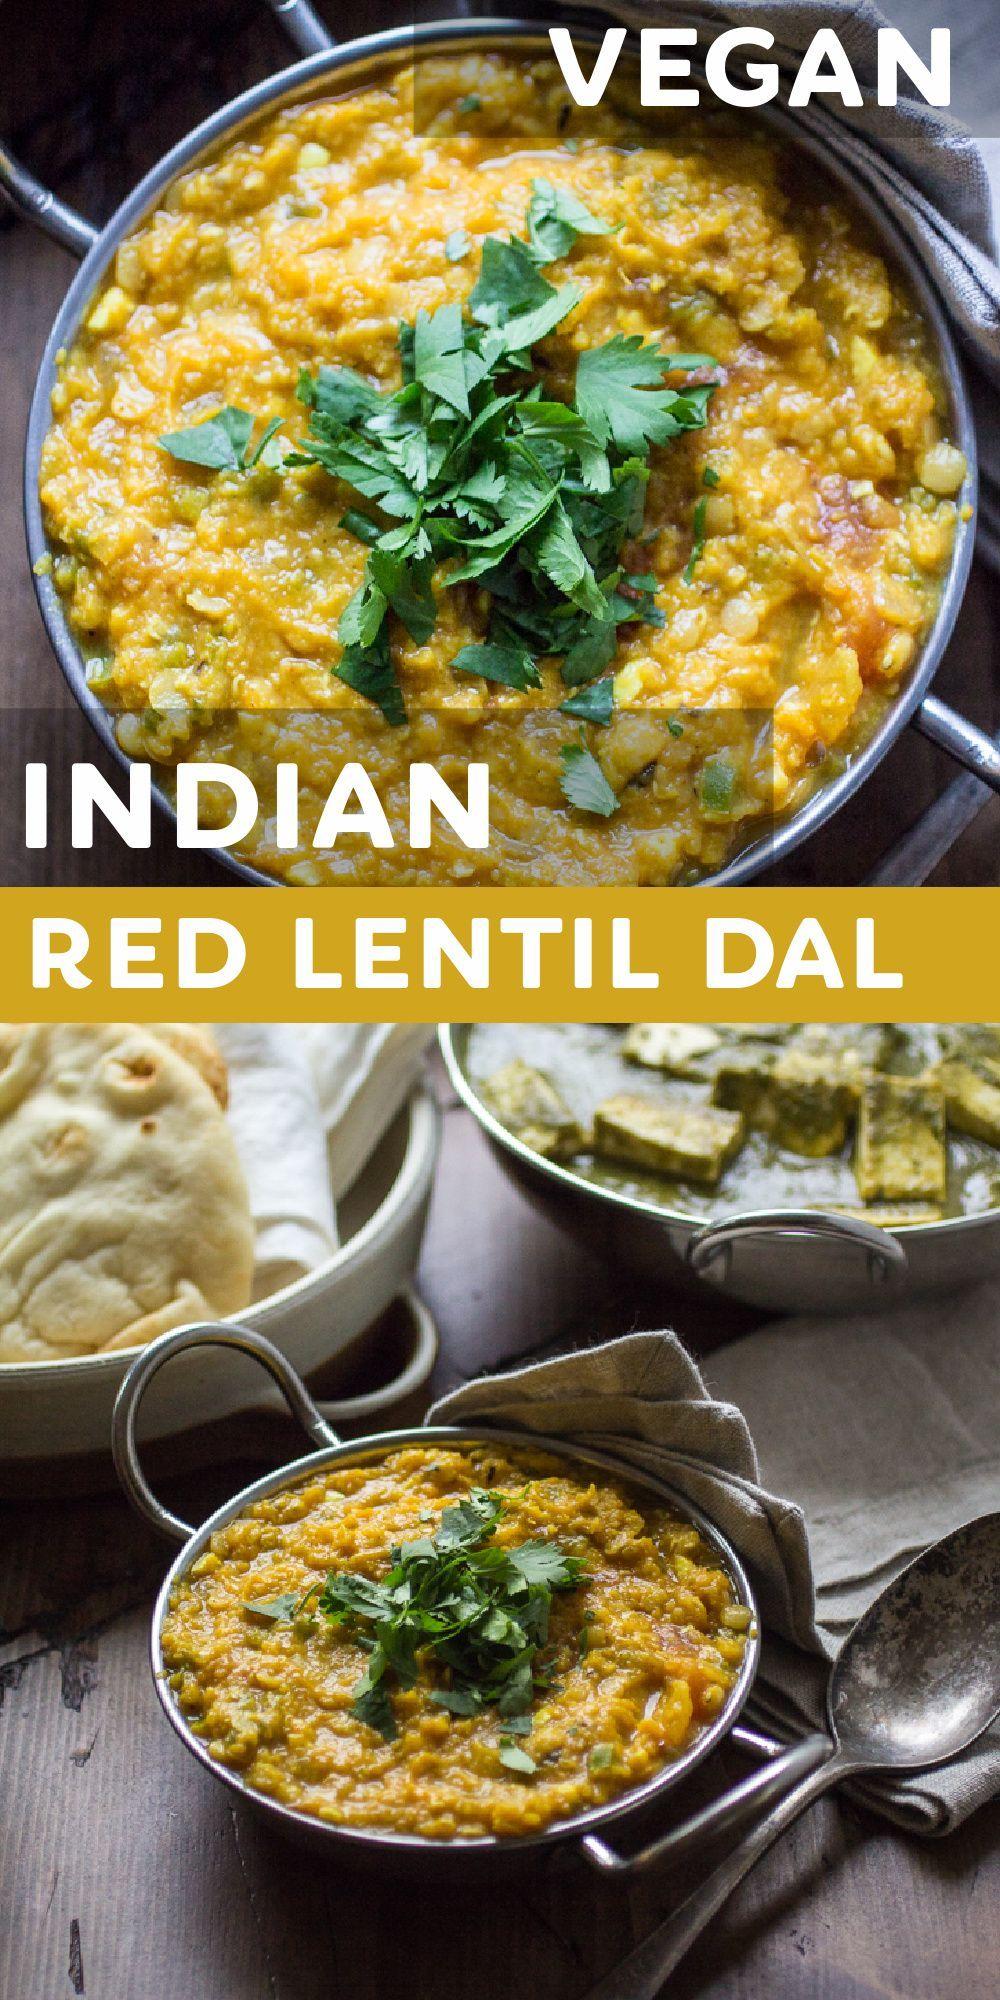 Indian Red Lentil Dal Authentic Vegan Quick Easy Recipe Indian Recipes Authentic Indian Food Recipes Indian Food Recipes Vegetarian